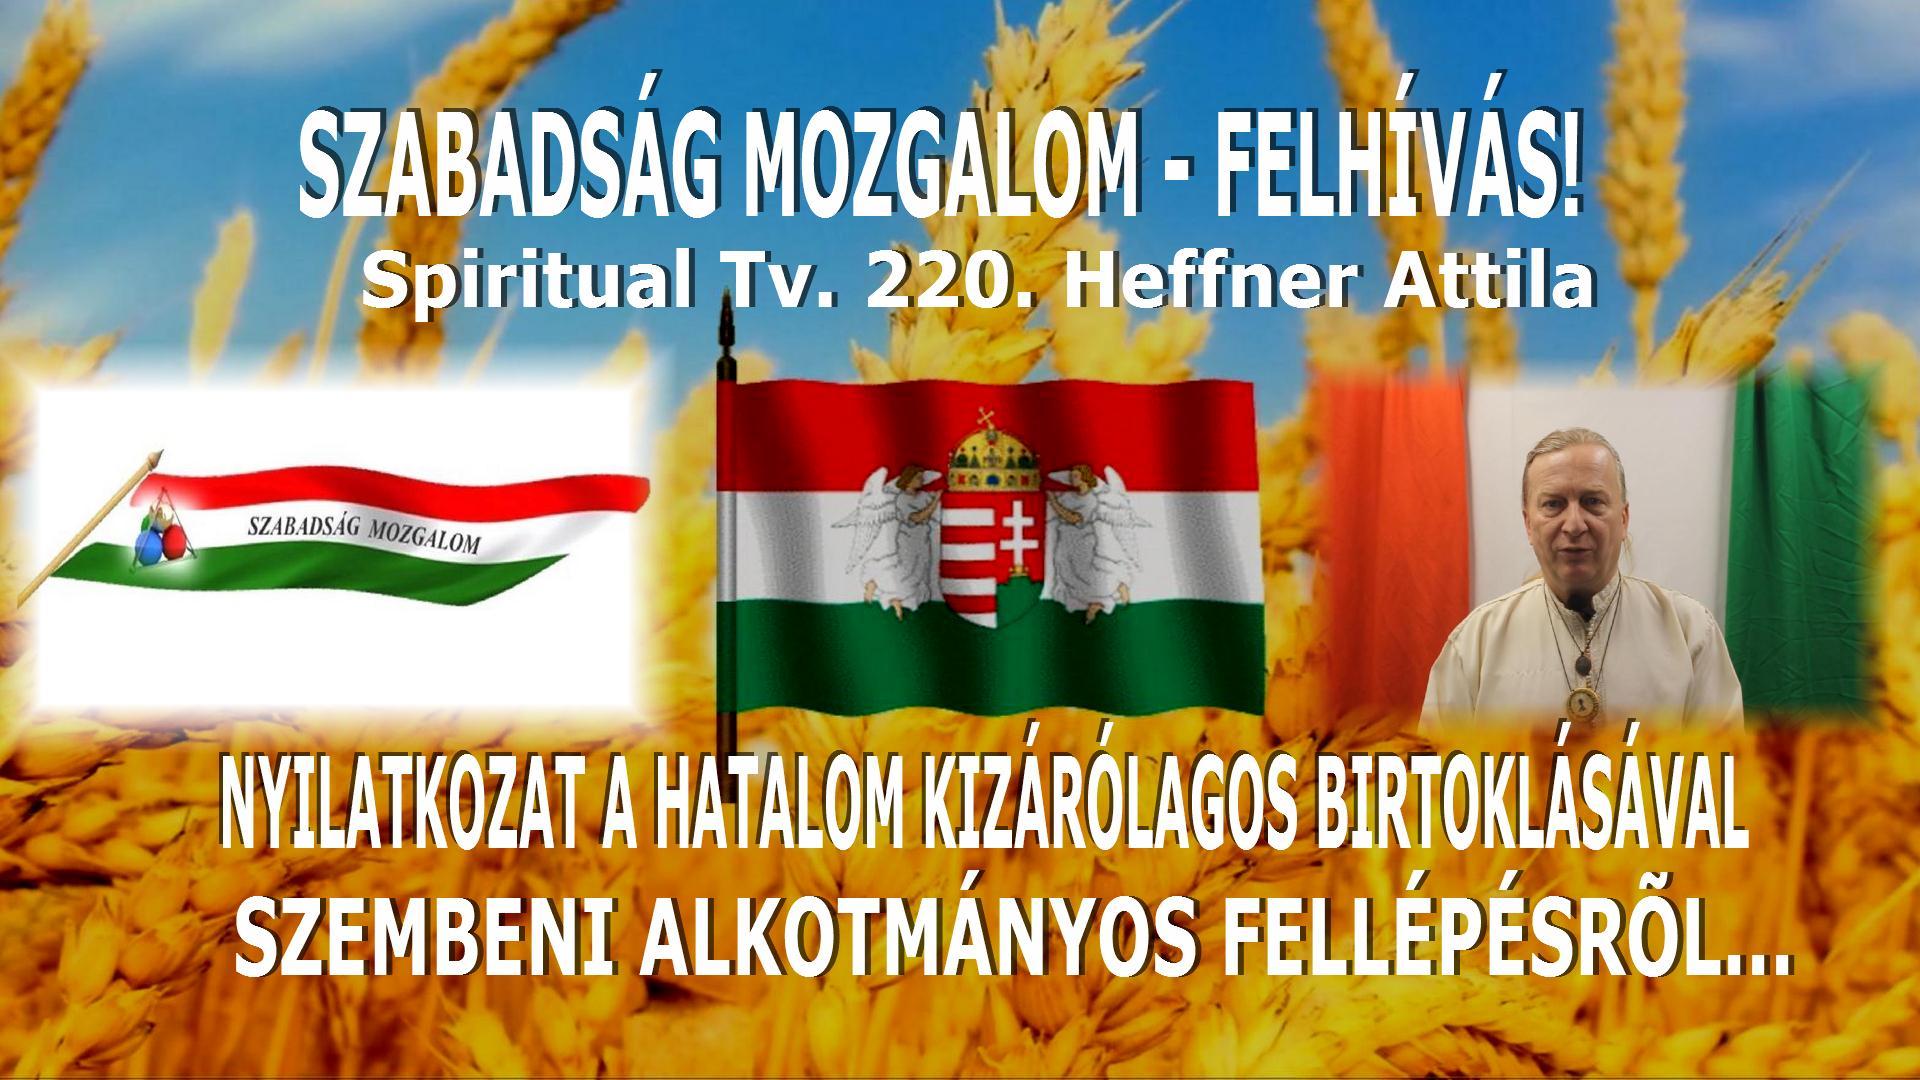 www.spiritualtv.hu - 2021.01.29.